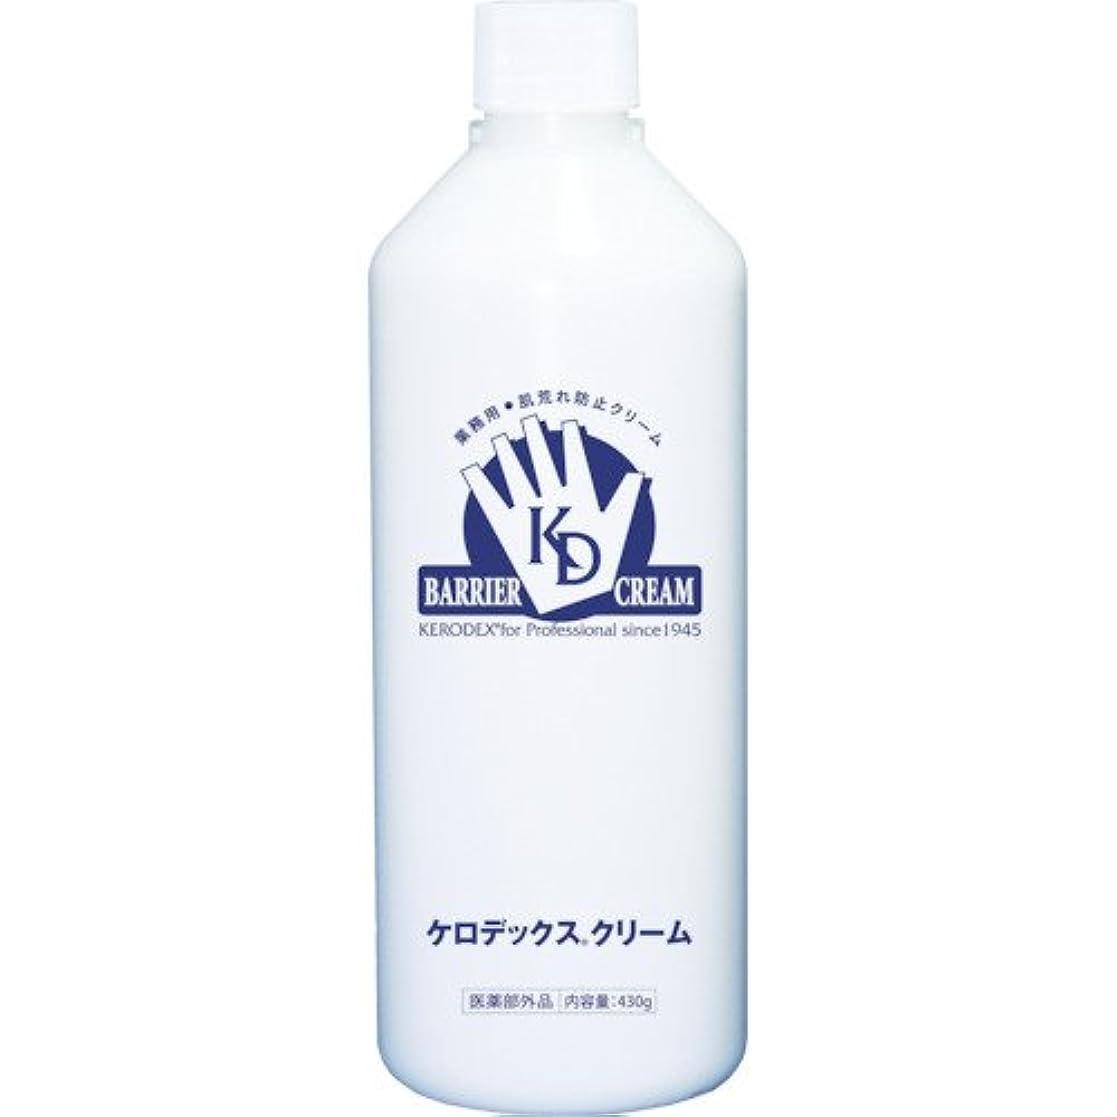 エンディング損傷アンティークケロデックスクリーム ボトルタイプ 詰替用 430g